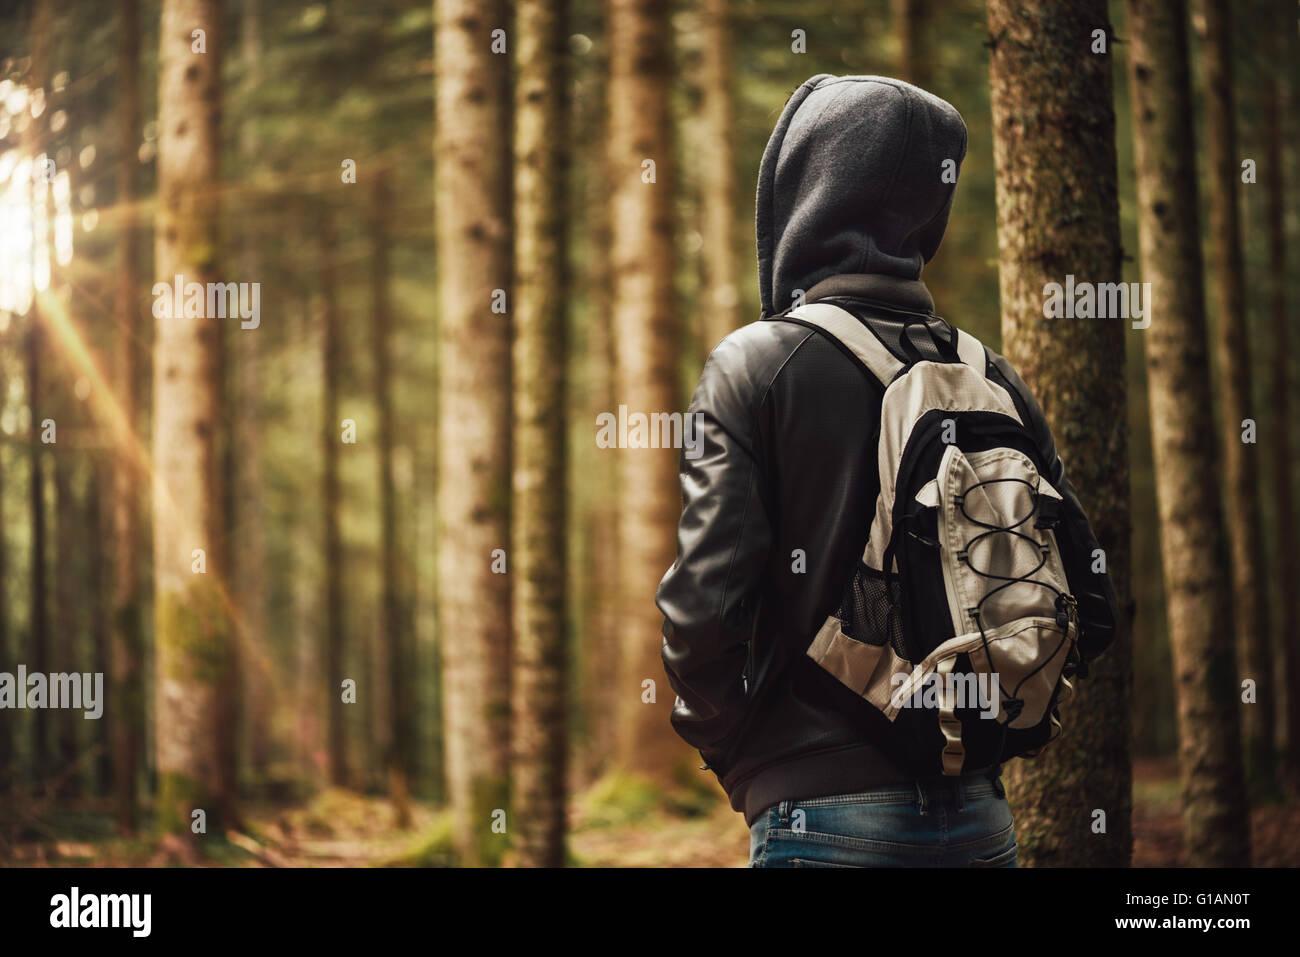 Giovane uomo incappucciato passeggiare nei boschi, la libertà e il concetto di natura Immagini Stock